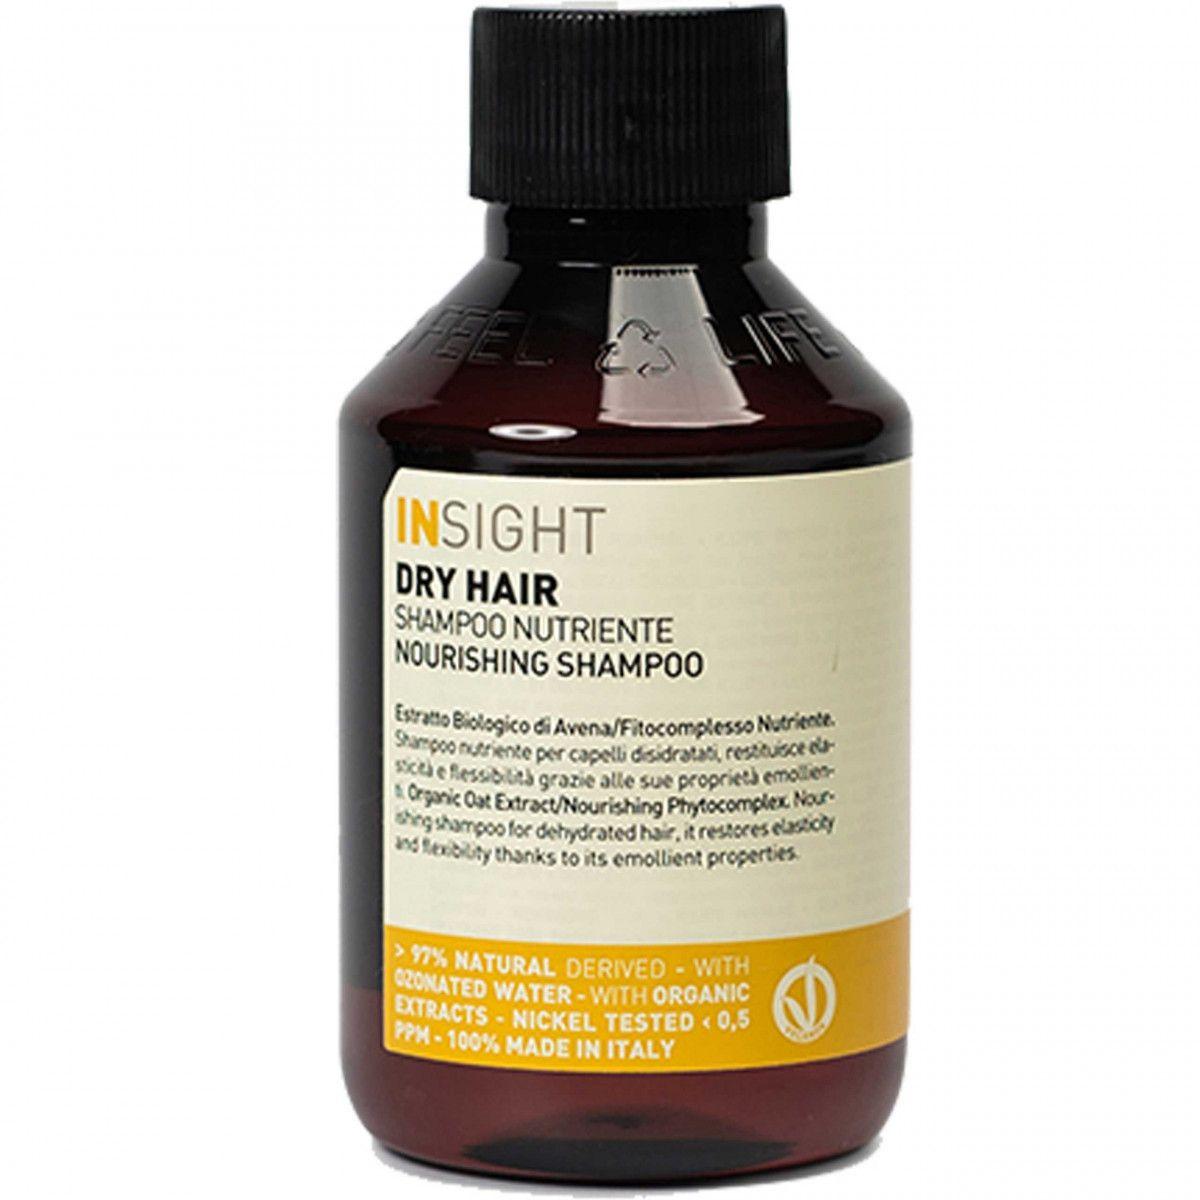 Insight Dry Hair Shampoo Odżywczy szampon do włosów suchych 100ml